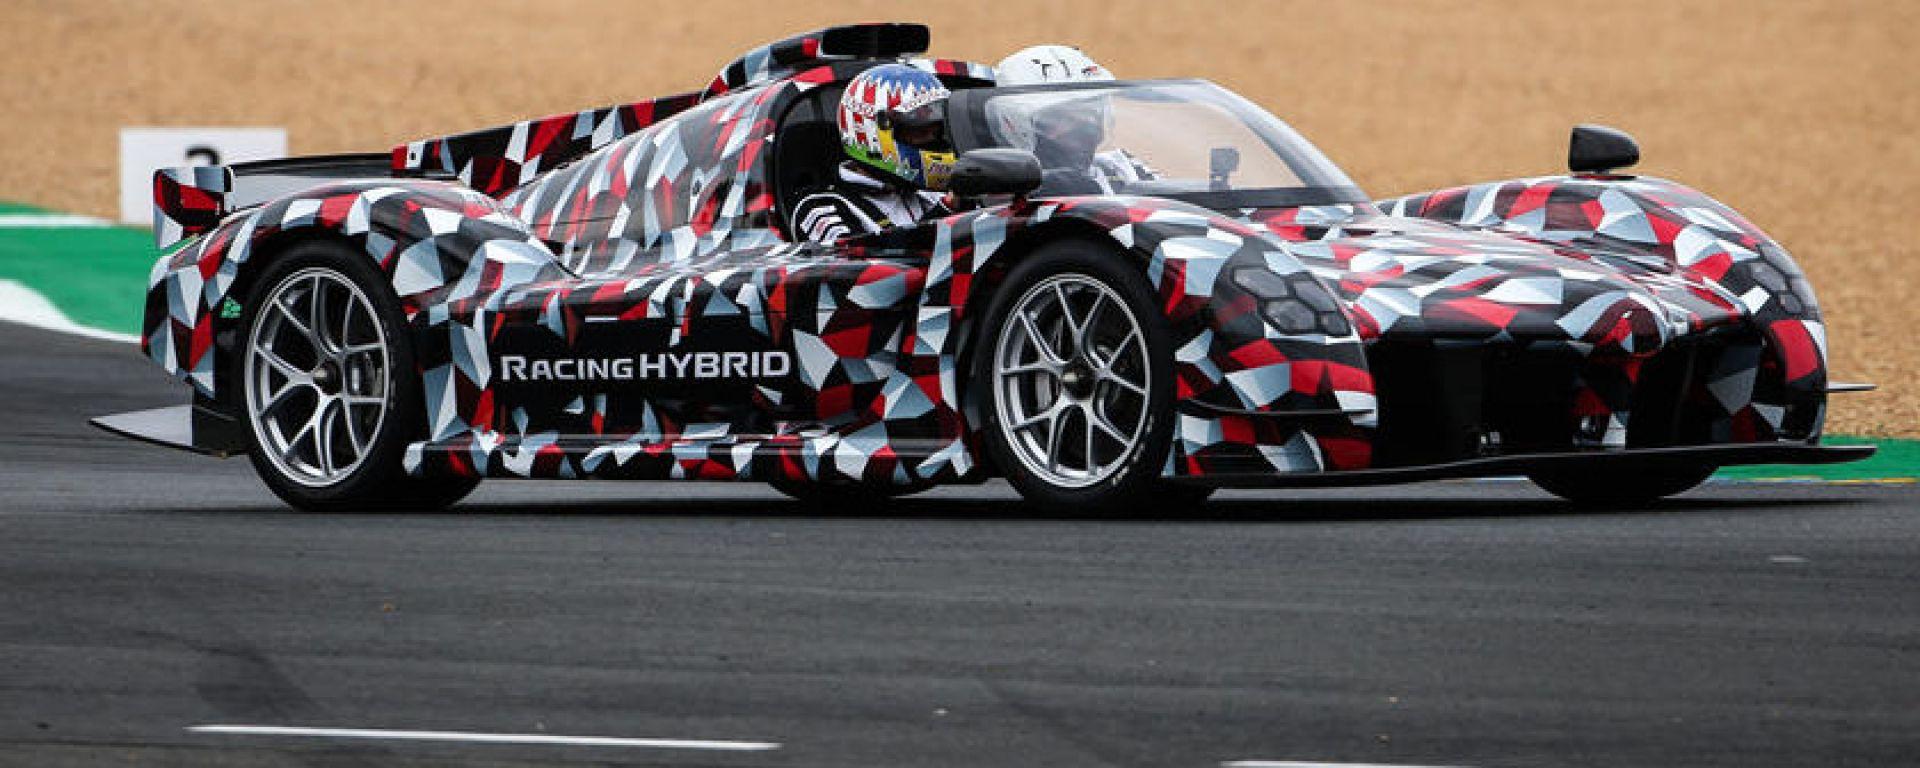 Nuova hypercar Toyota: ci siamo quasi per il debutto della due posti griffata Gazoo Racing